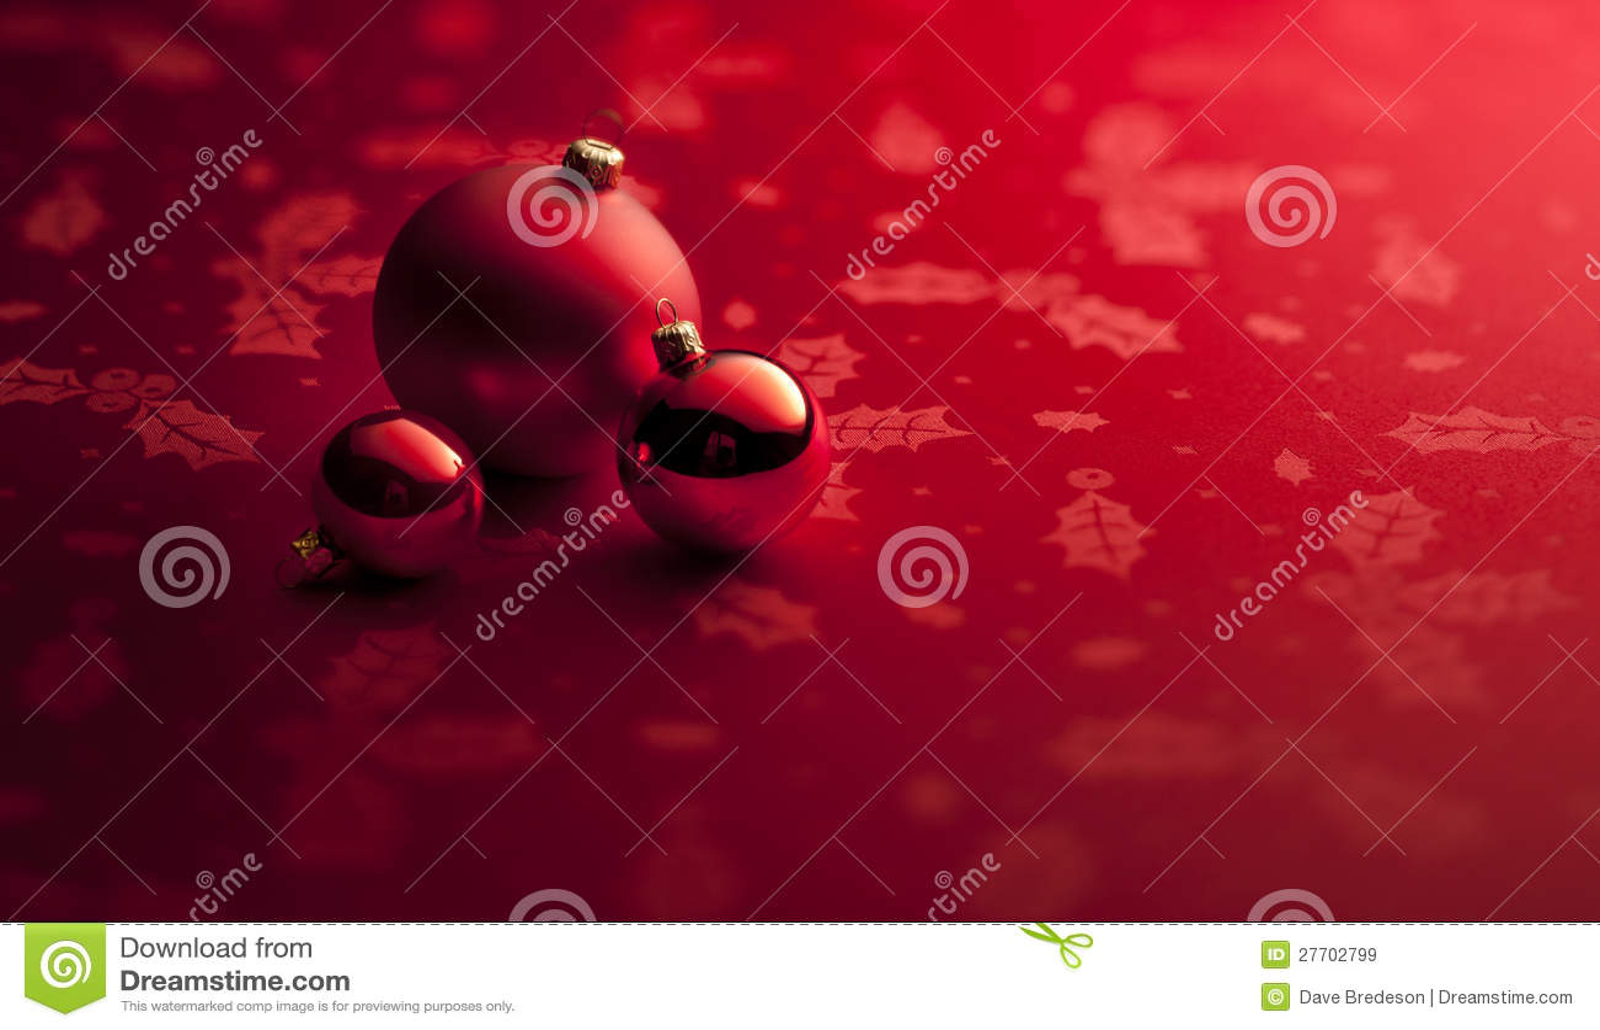 Rotes Weihnachten verziert Hintergrund